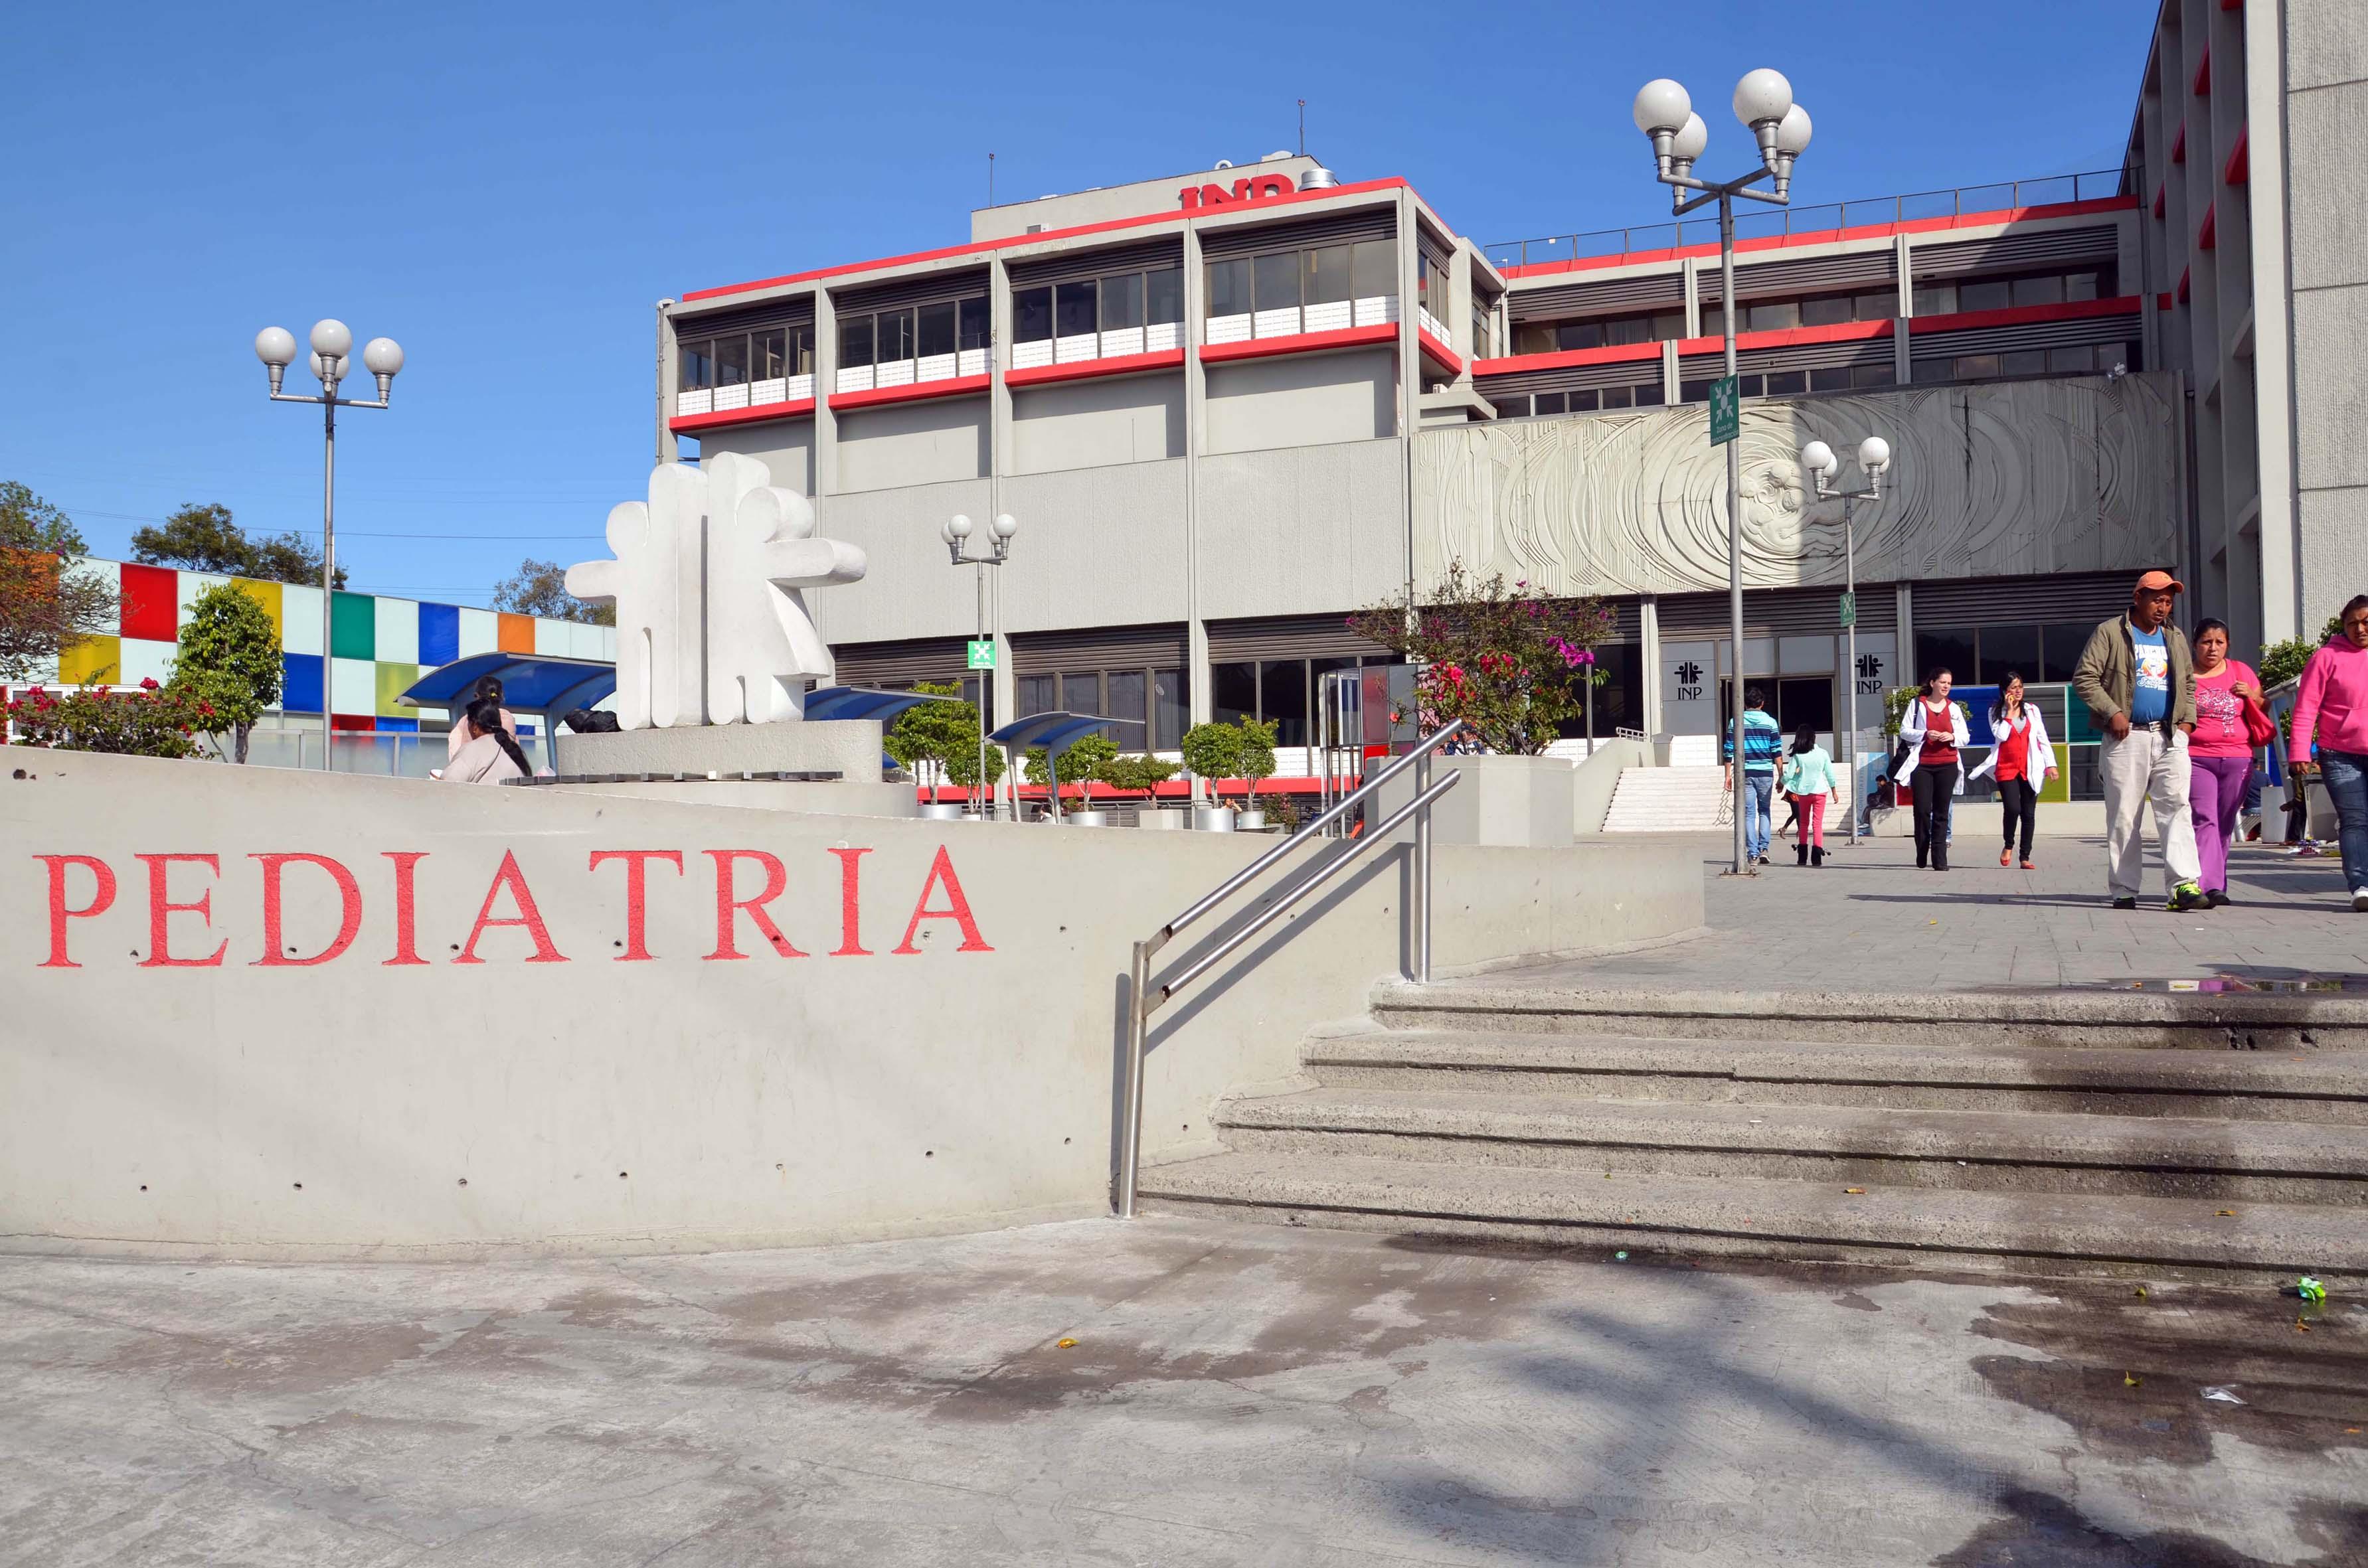 Con nuevos avances en el conocimiento del neurodesarrollo, de enfermedades infecciosas y crónicas no transmisibles, cumple 60 años el Centro de Investigación Pediátrica en Tlaltizapán, Morelos, del Instituto Nacional de Pediatría (INP).